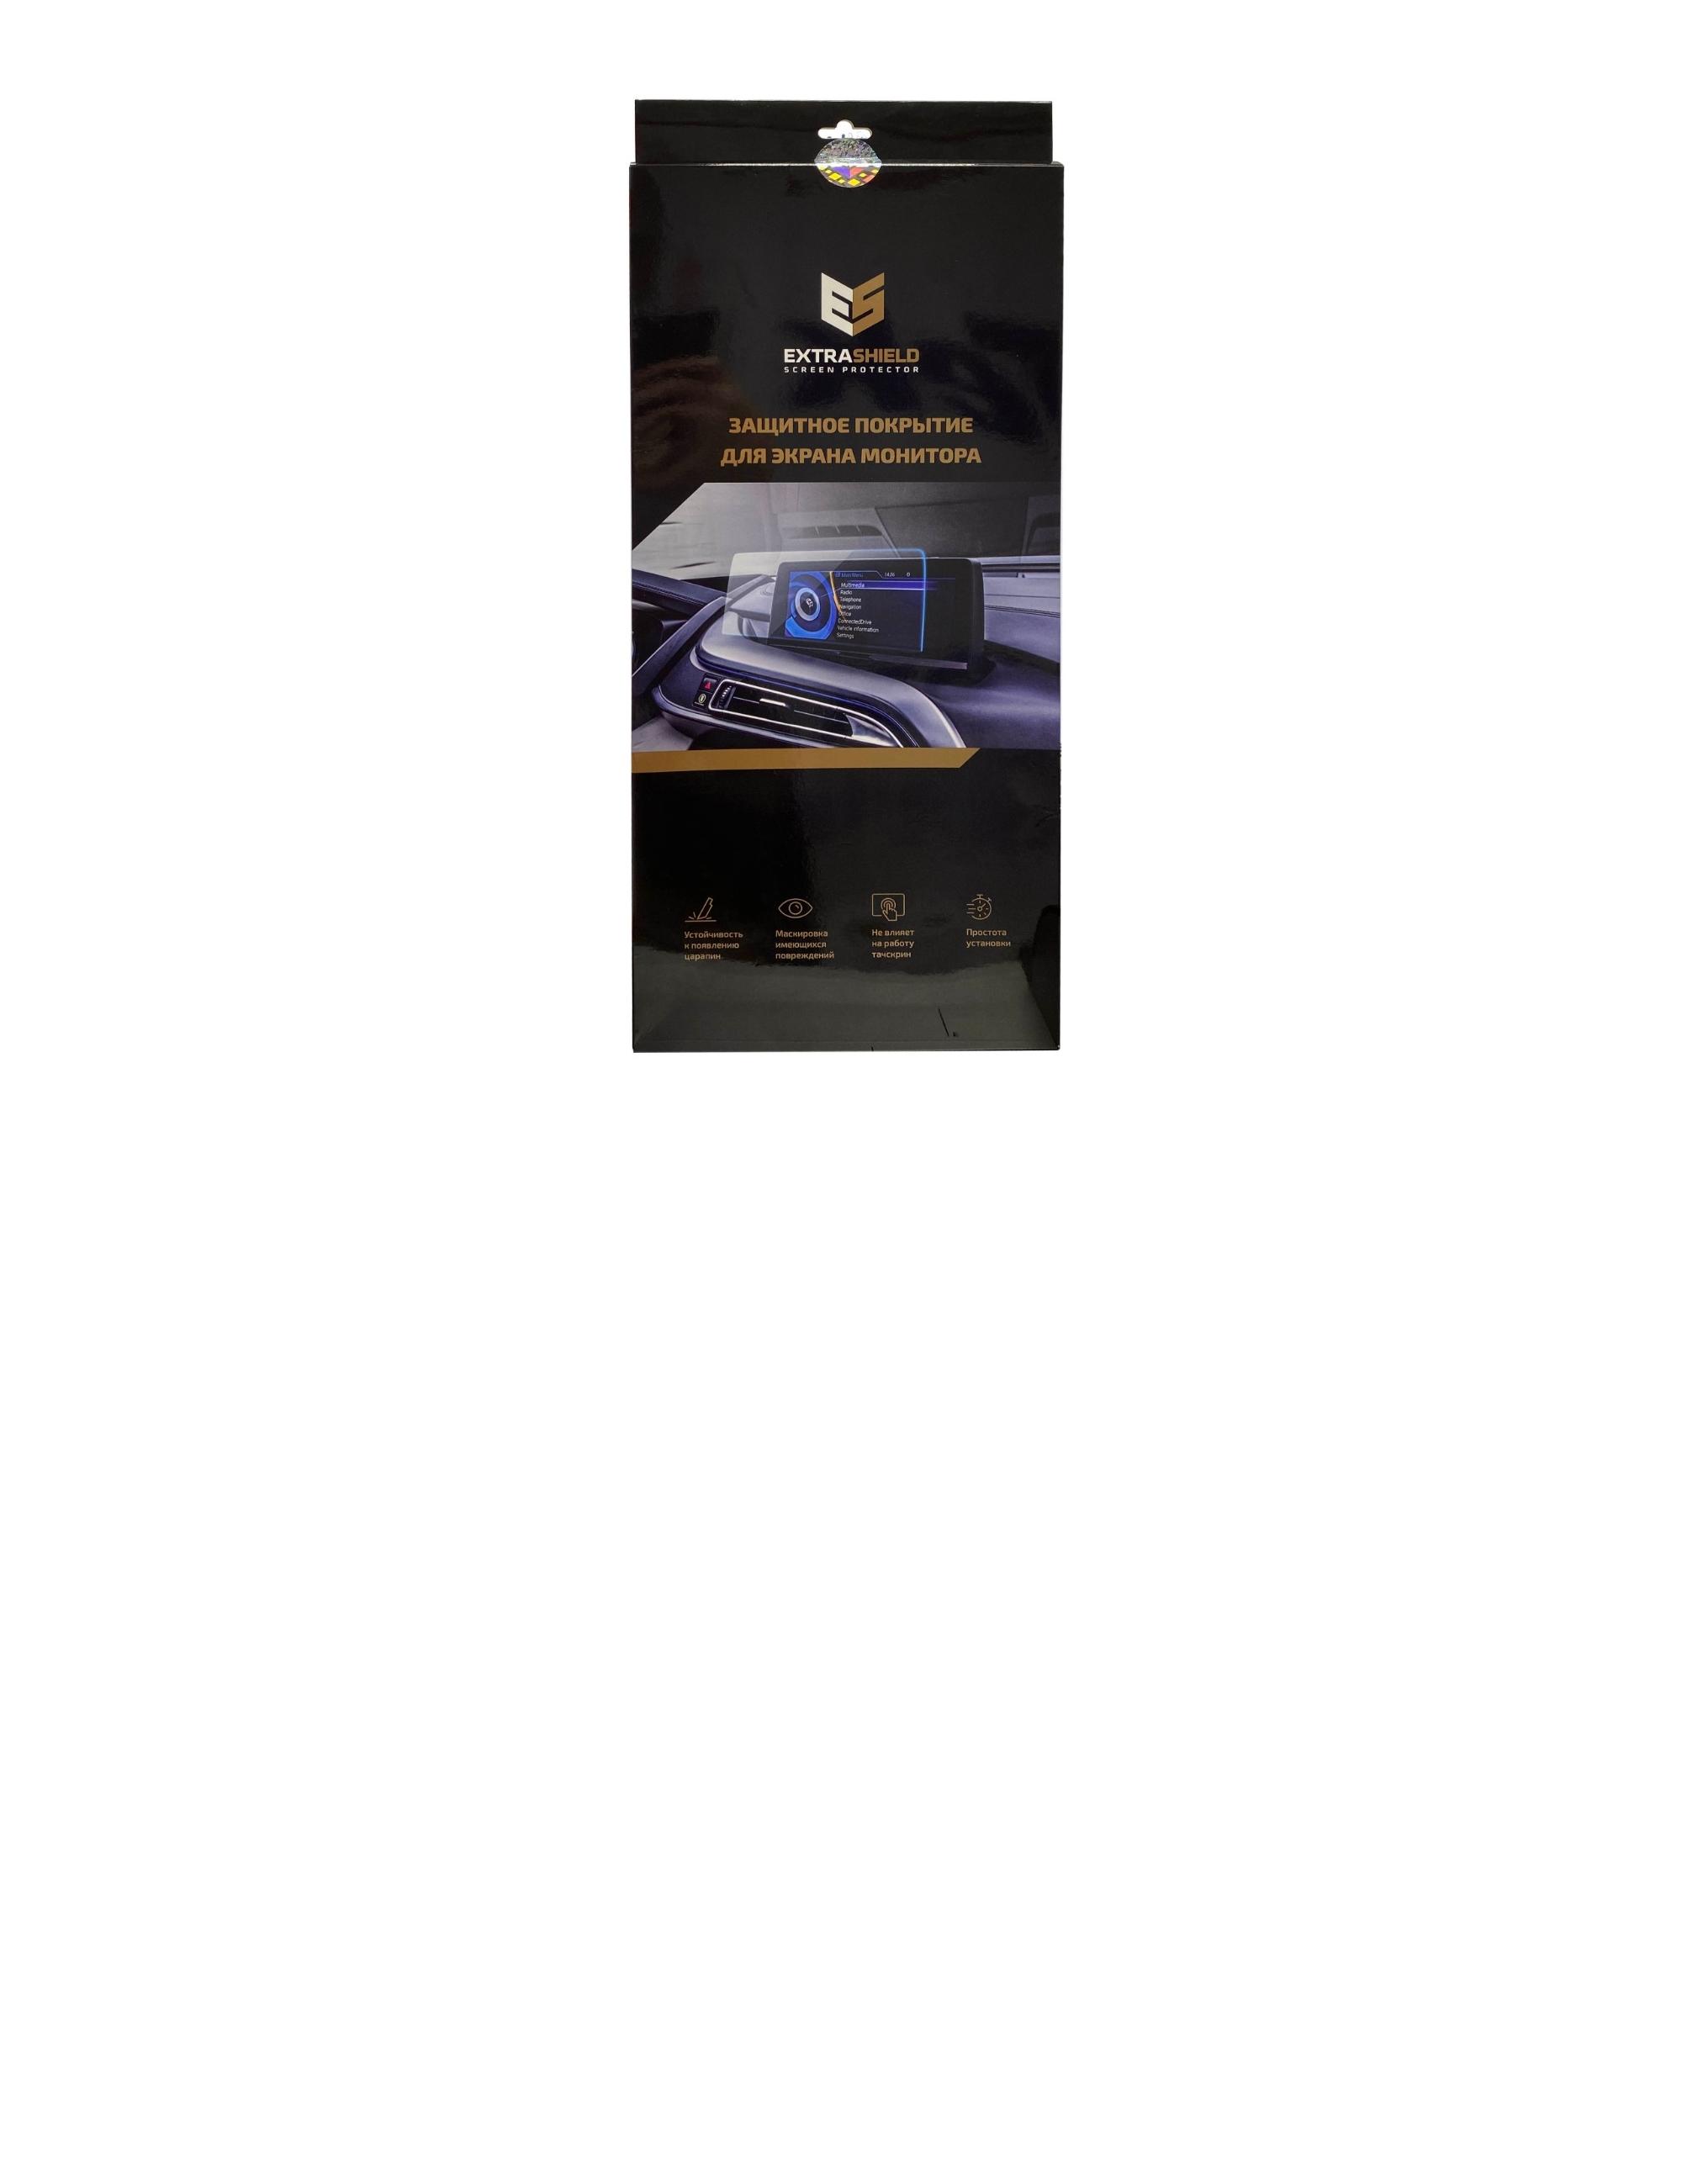 Bentley Mulsanne 2016 - н.в. мультимедиа 12,3 Статическая пленка Глянец